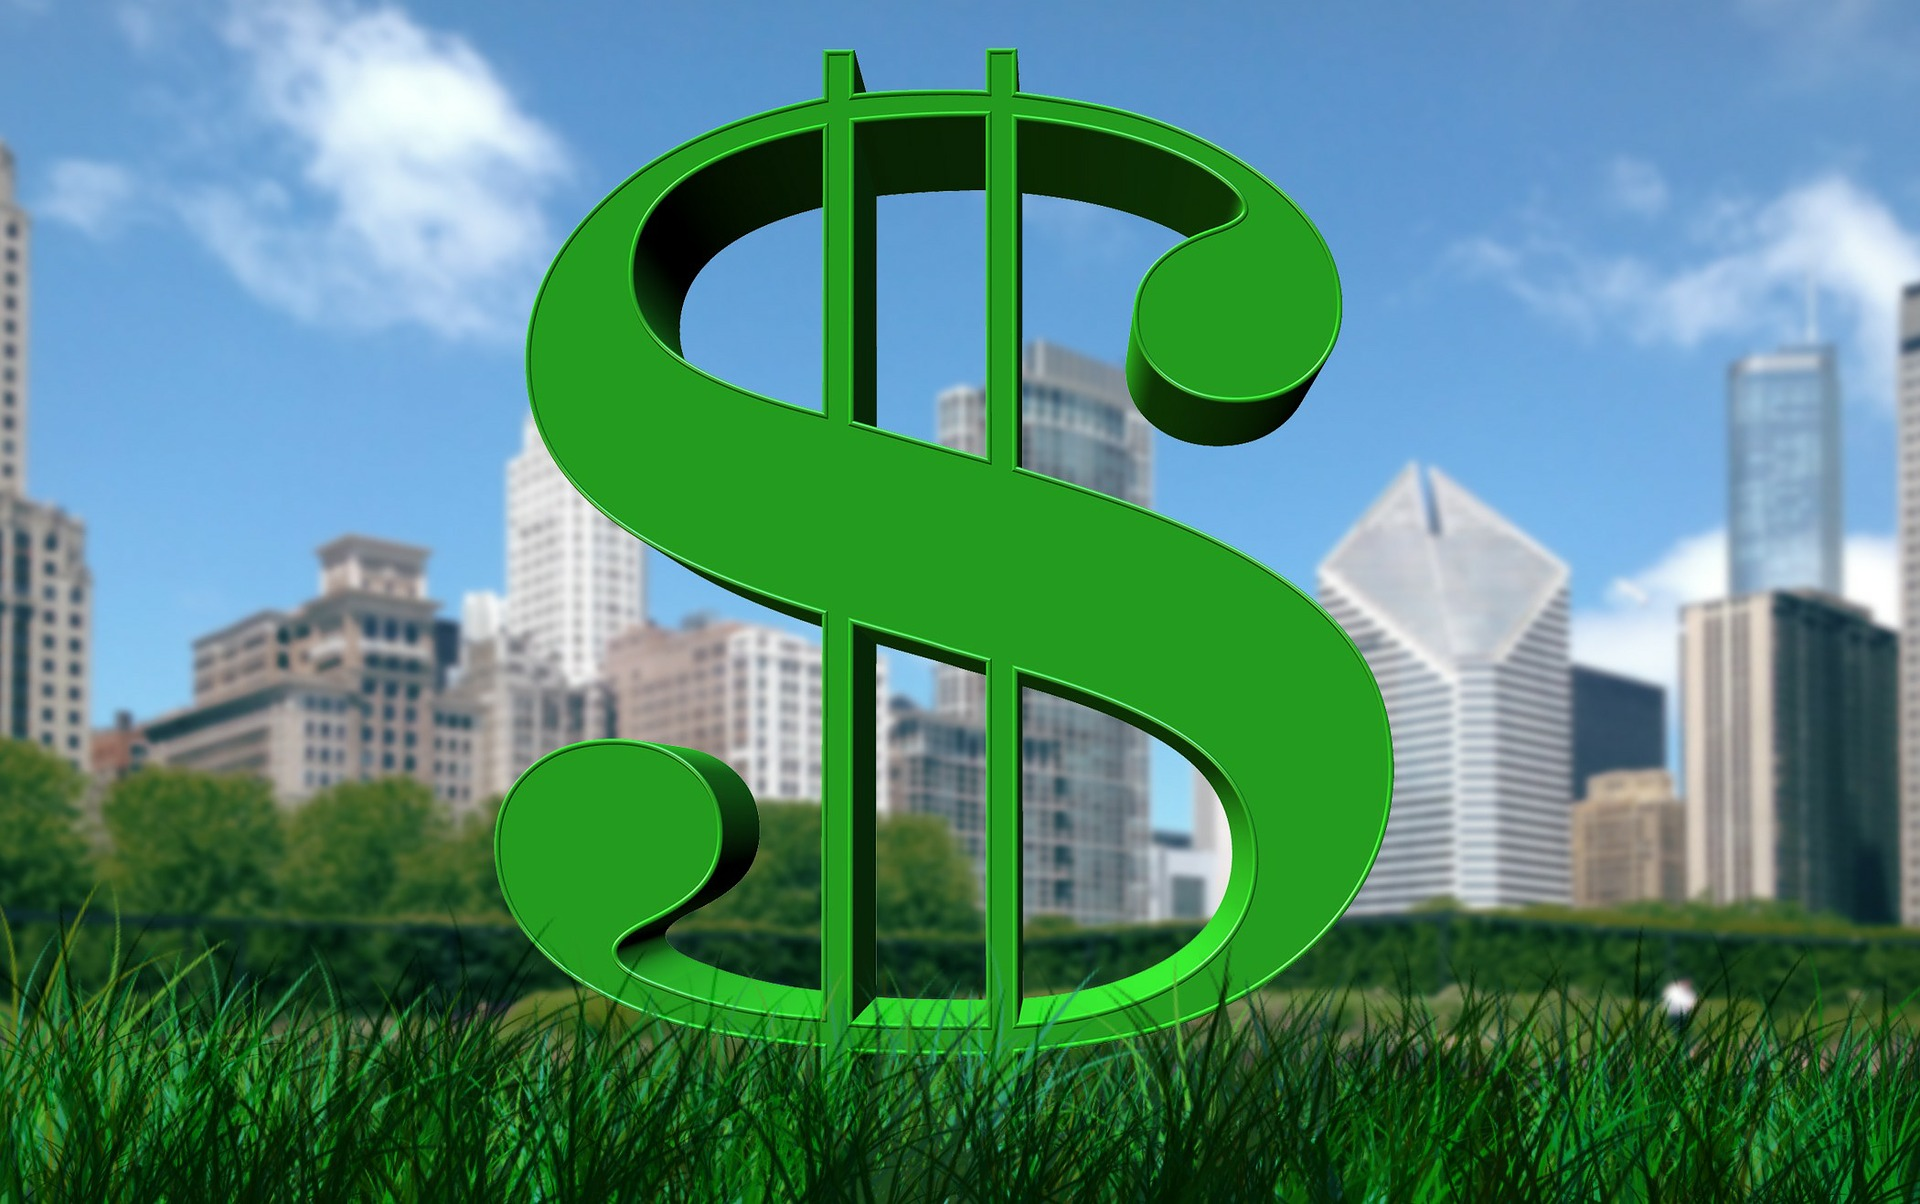 Търсенето на кредити в САЩ се увеличава | Kredit.bg